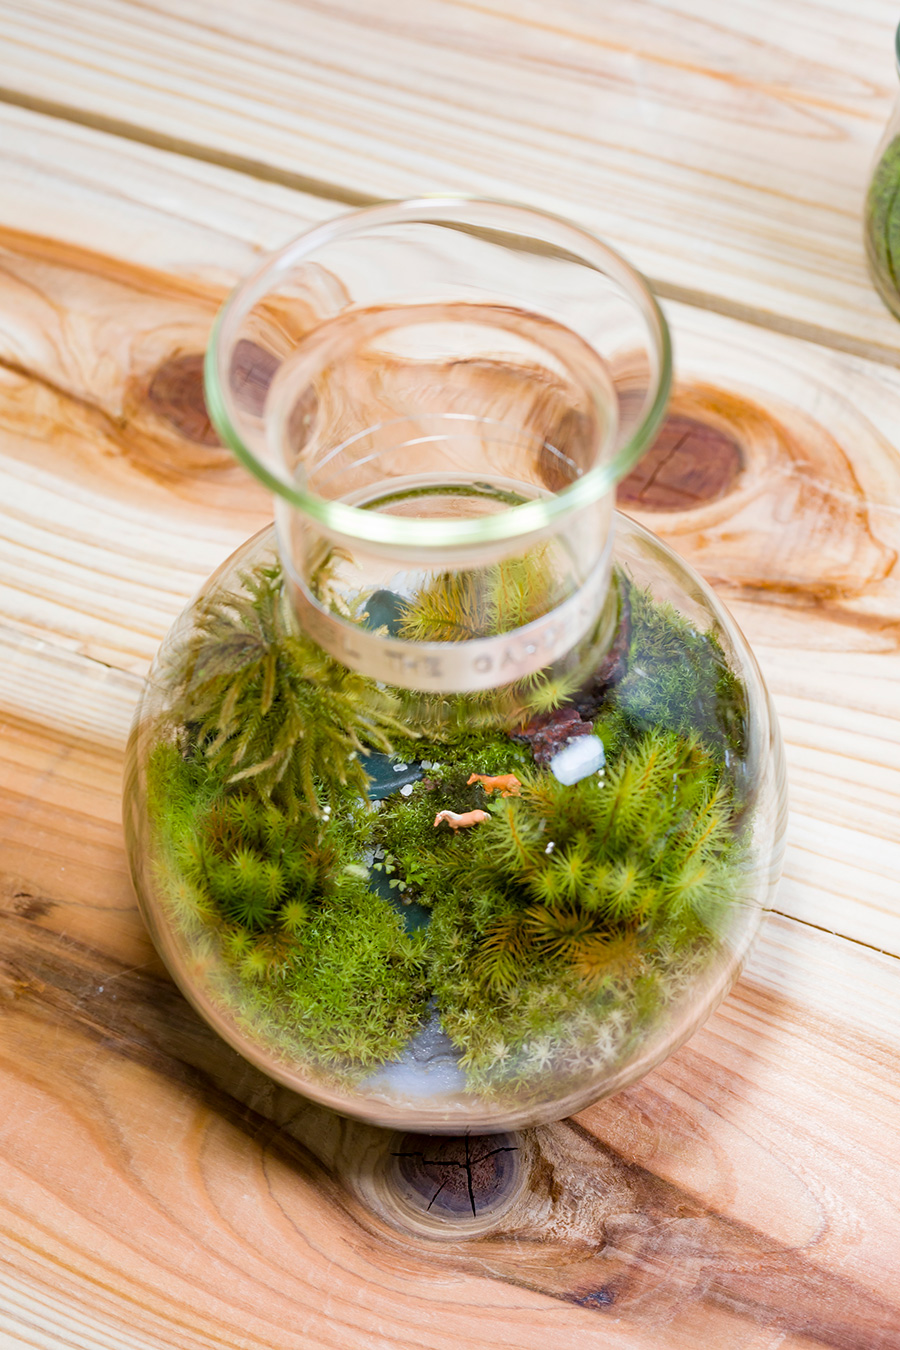 馬が川に水を飲みに来た? そんな苔のテラリウムを机の上に飾ってみたい。